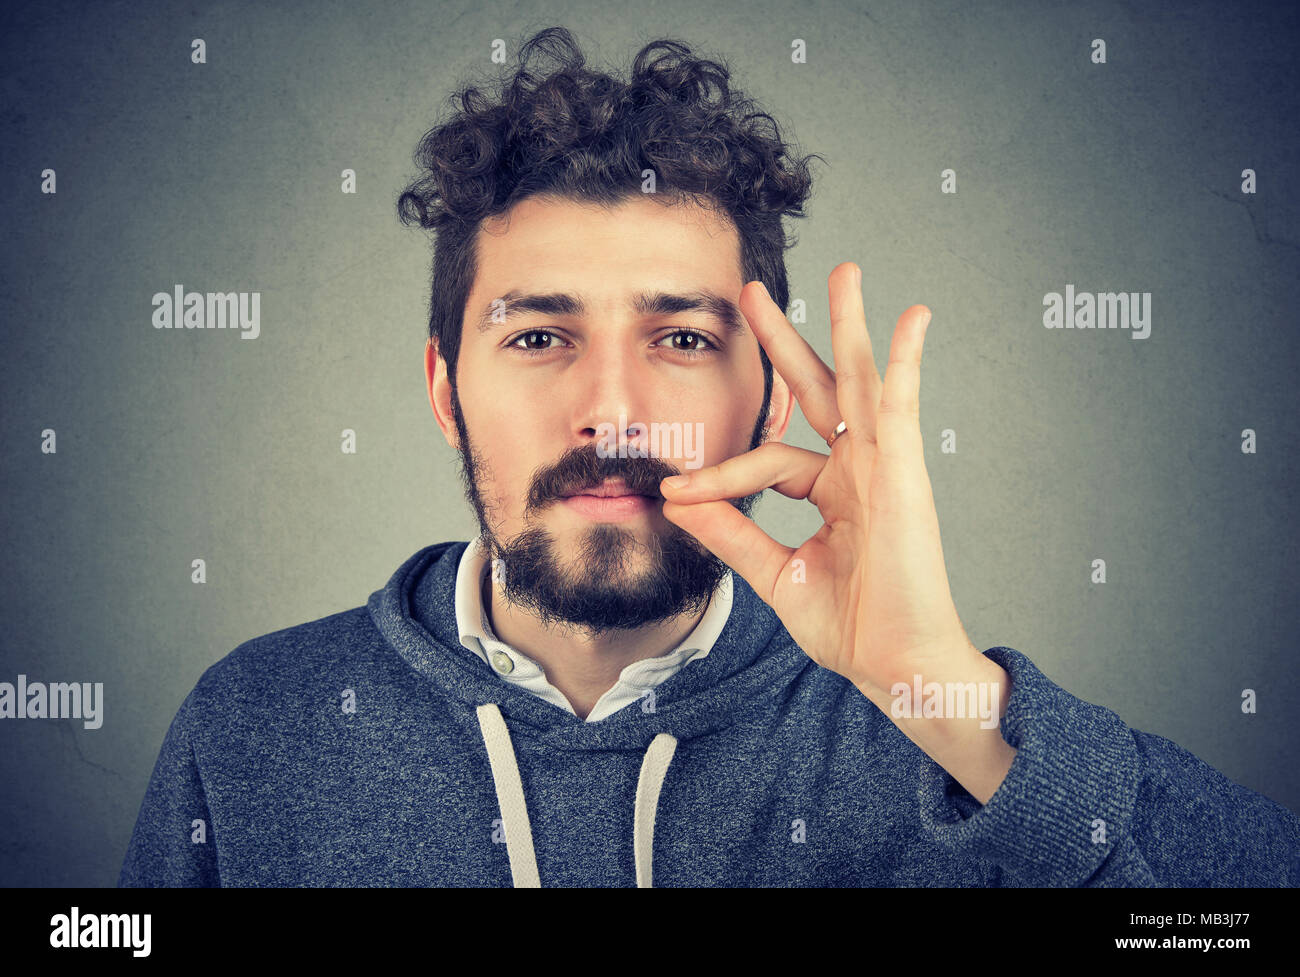 Seguro Serias el hombre atravesando boca mantener información confidencial mientras mirando a la cámara. Imagen De Stock